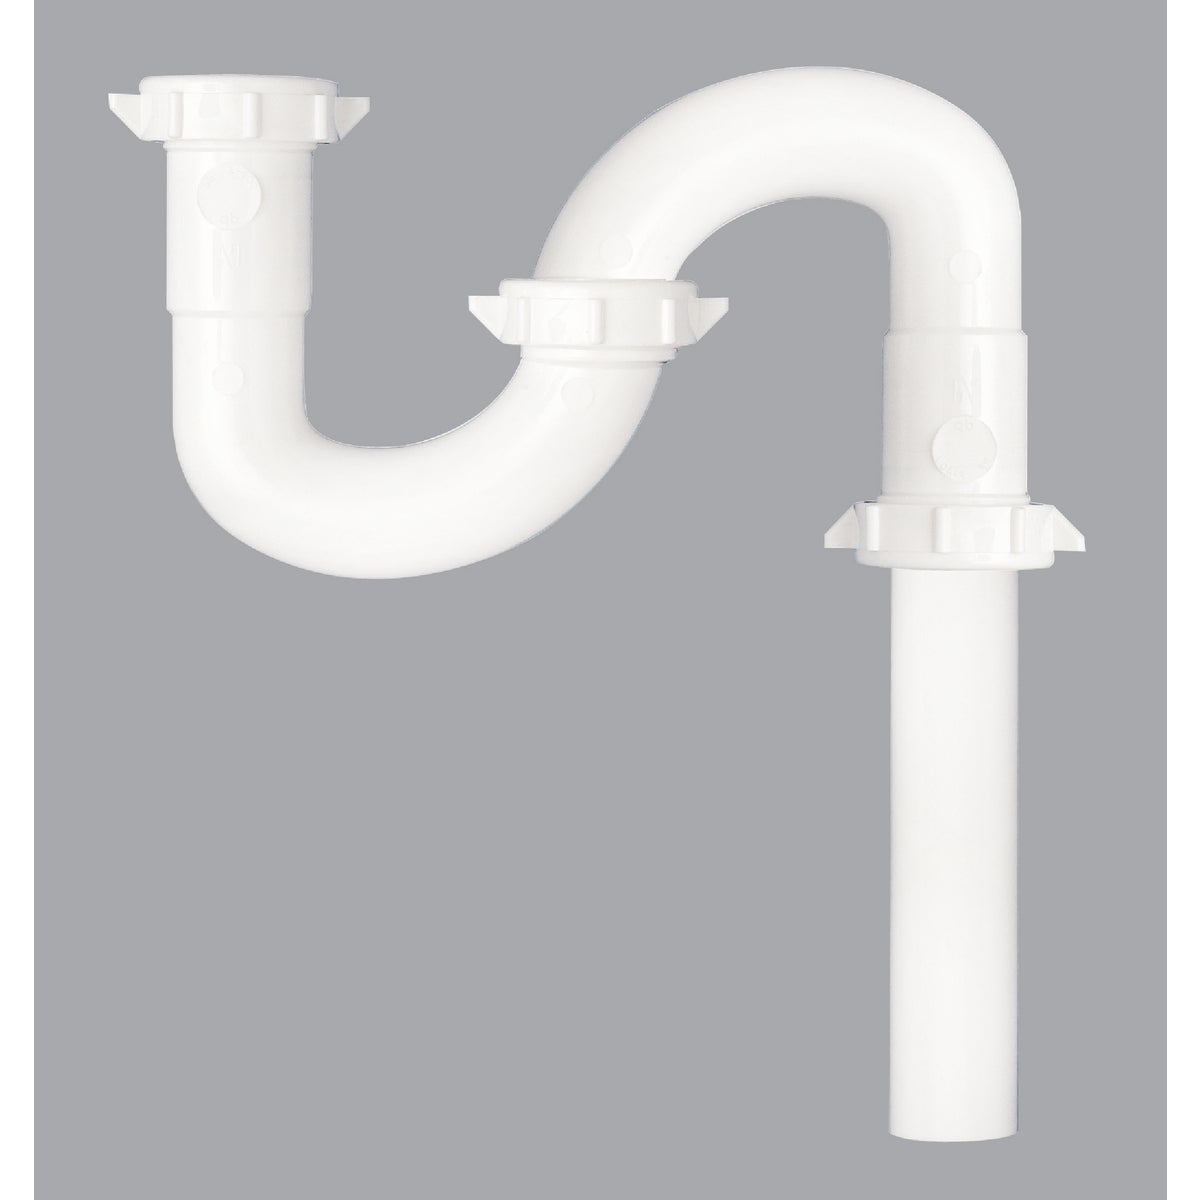 Plumb Pak/Keeney Mfg. 1-1/2 WHT PLASTIC S-TRAP 403245